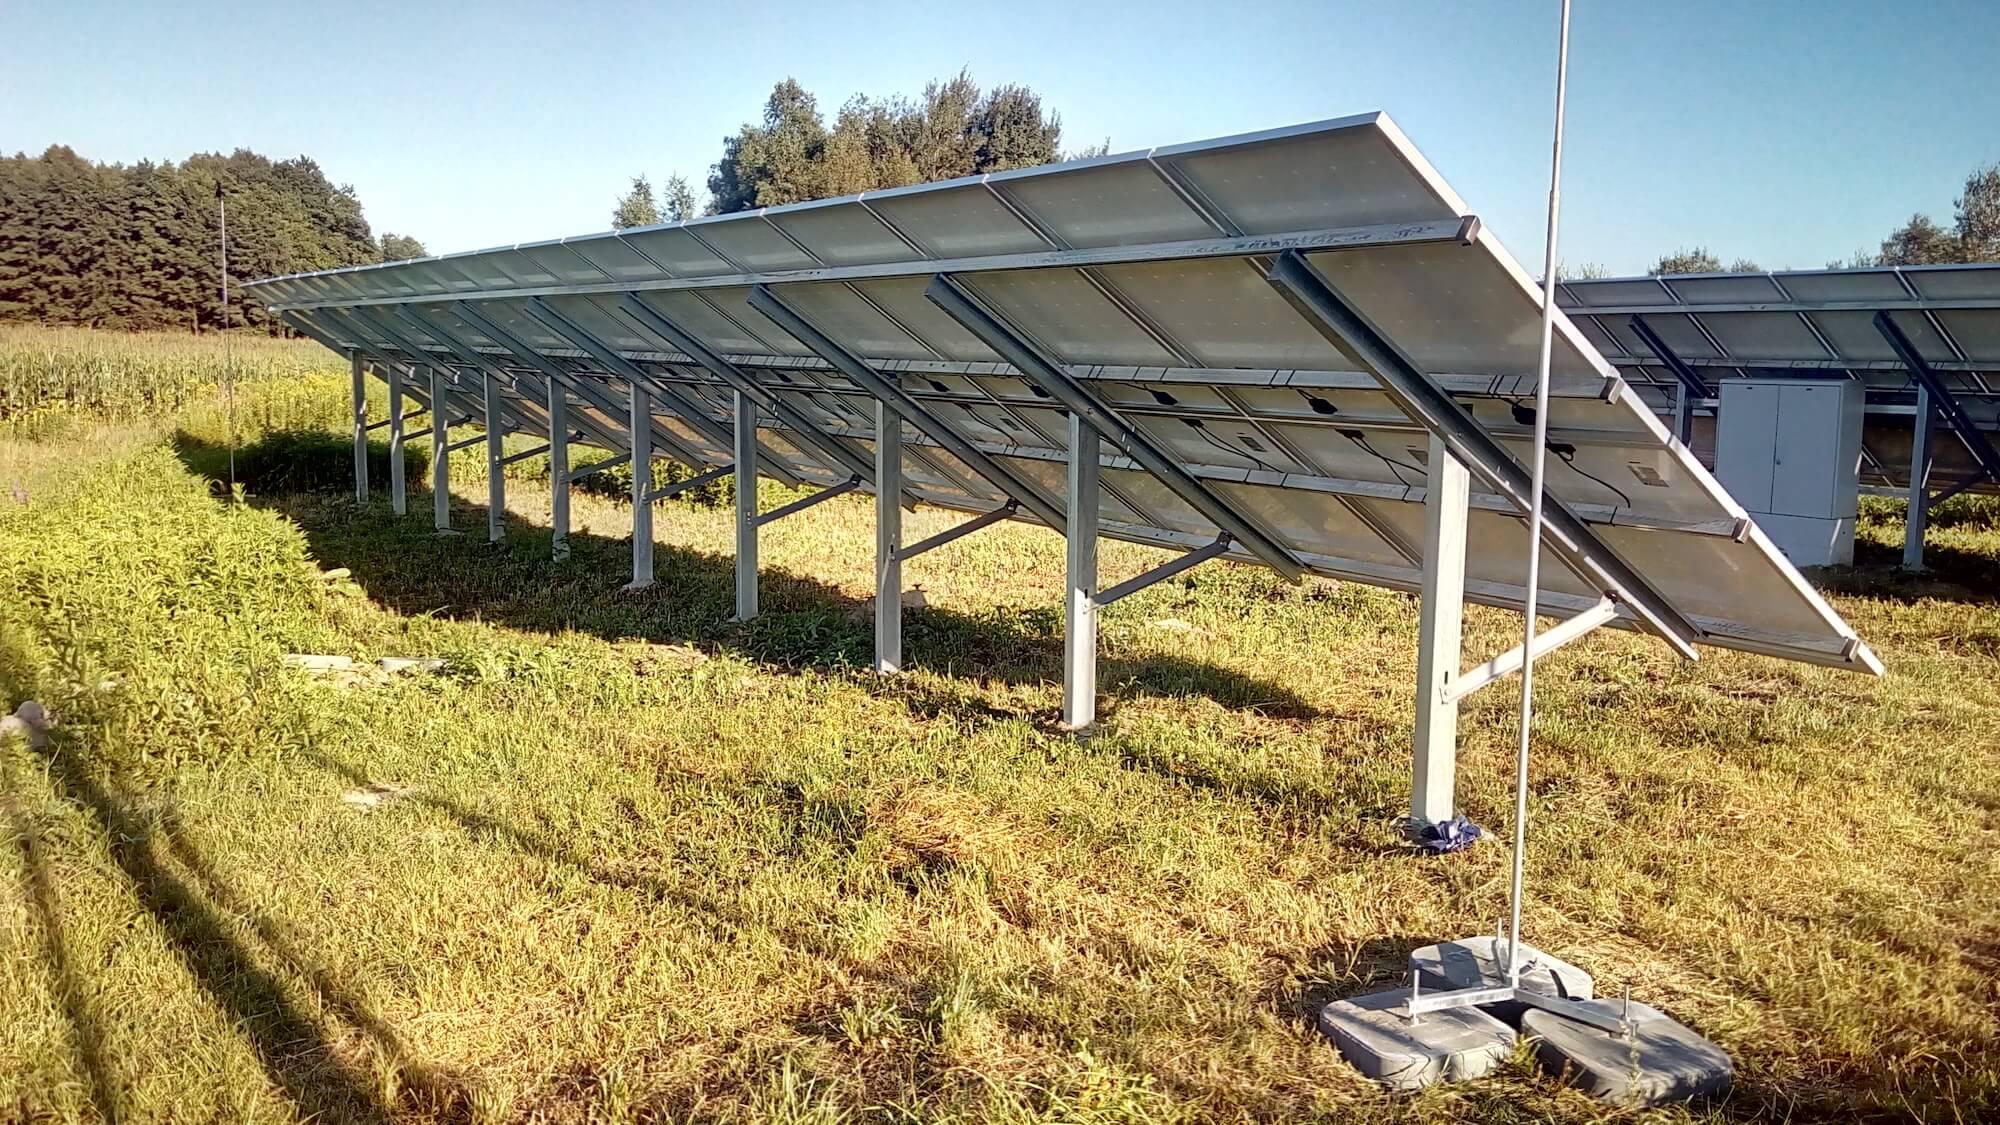 Ochrona paneli fotowoltaicznych na gruncie za pomocą masztów odgromowych z obciążnikami betonowymi na podstawie trójnożnej.